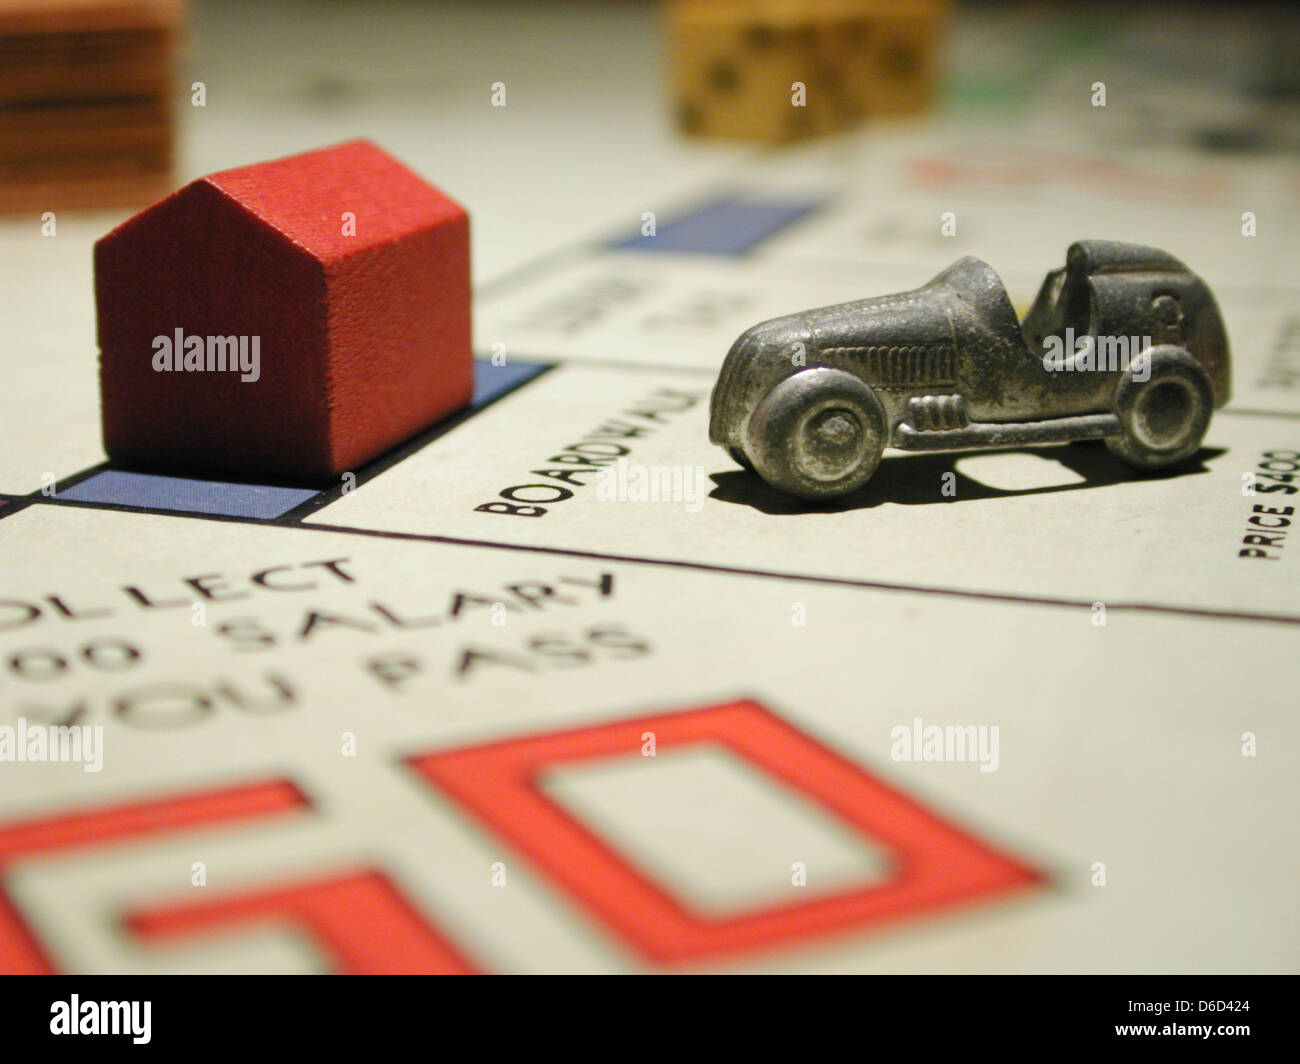 526fc2b2568e Questa immagine è un visual sinonimo di ricchezza. Mark Strozier / Alamy  Foto Stock